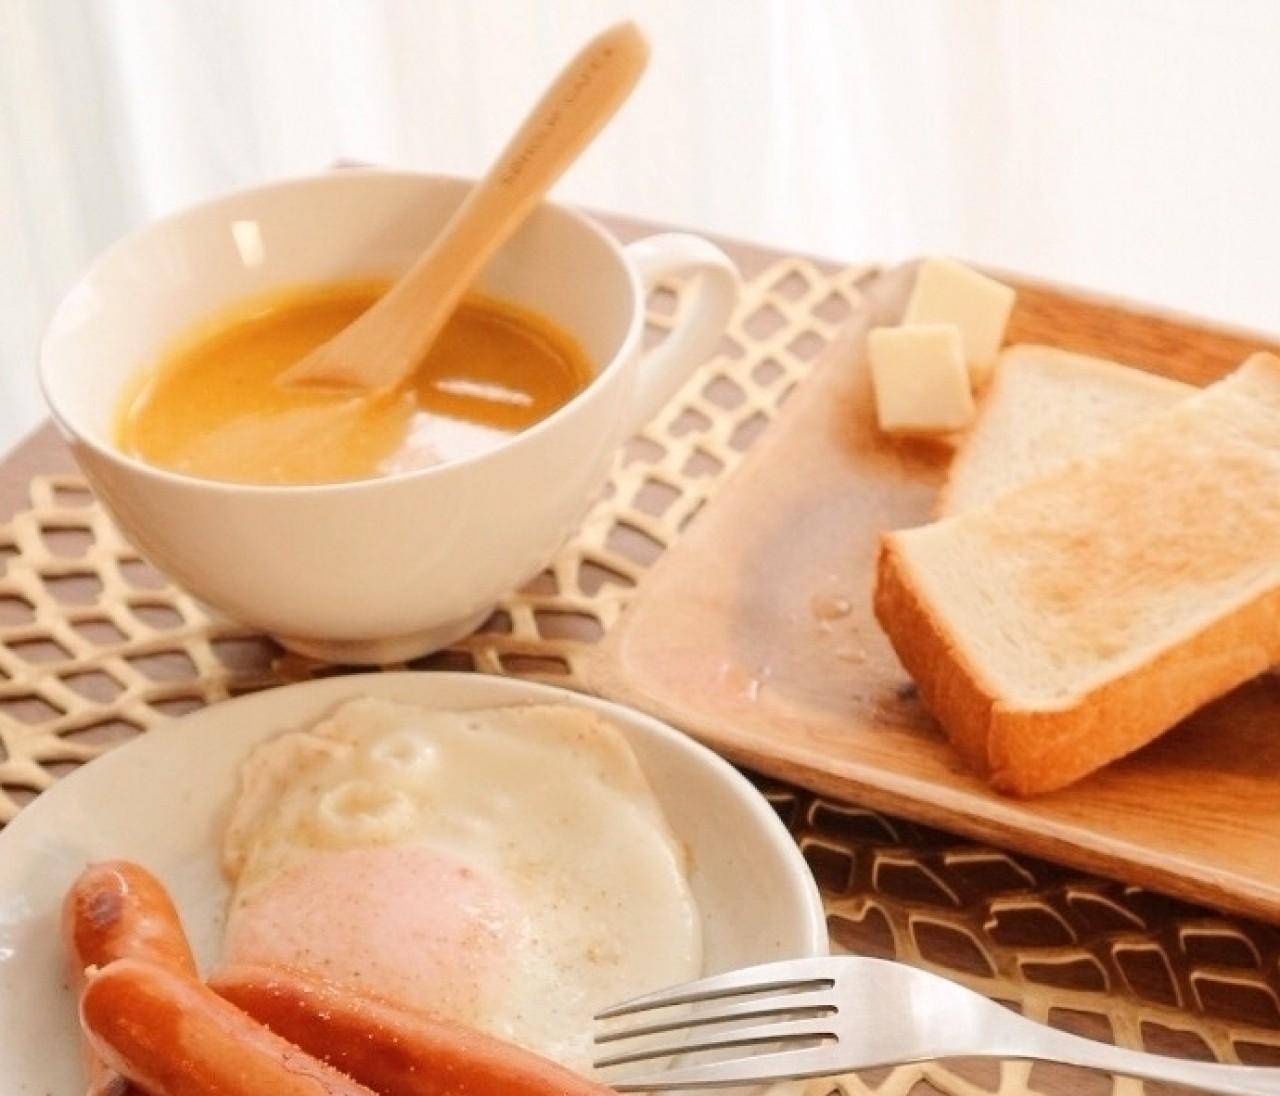 食育レシピ >> 美肌づくりに豆乳かぼちゃポタージュを。